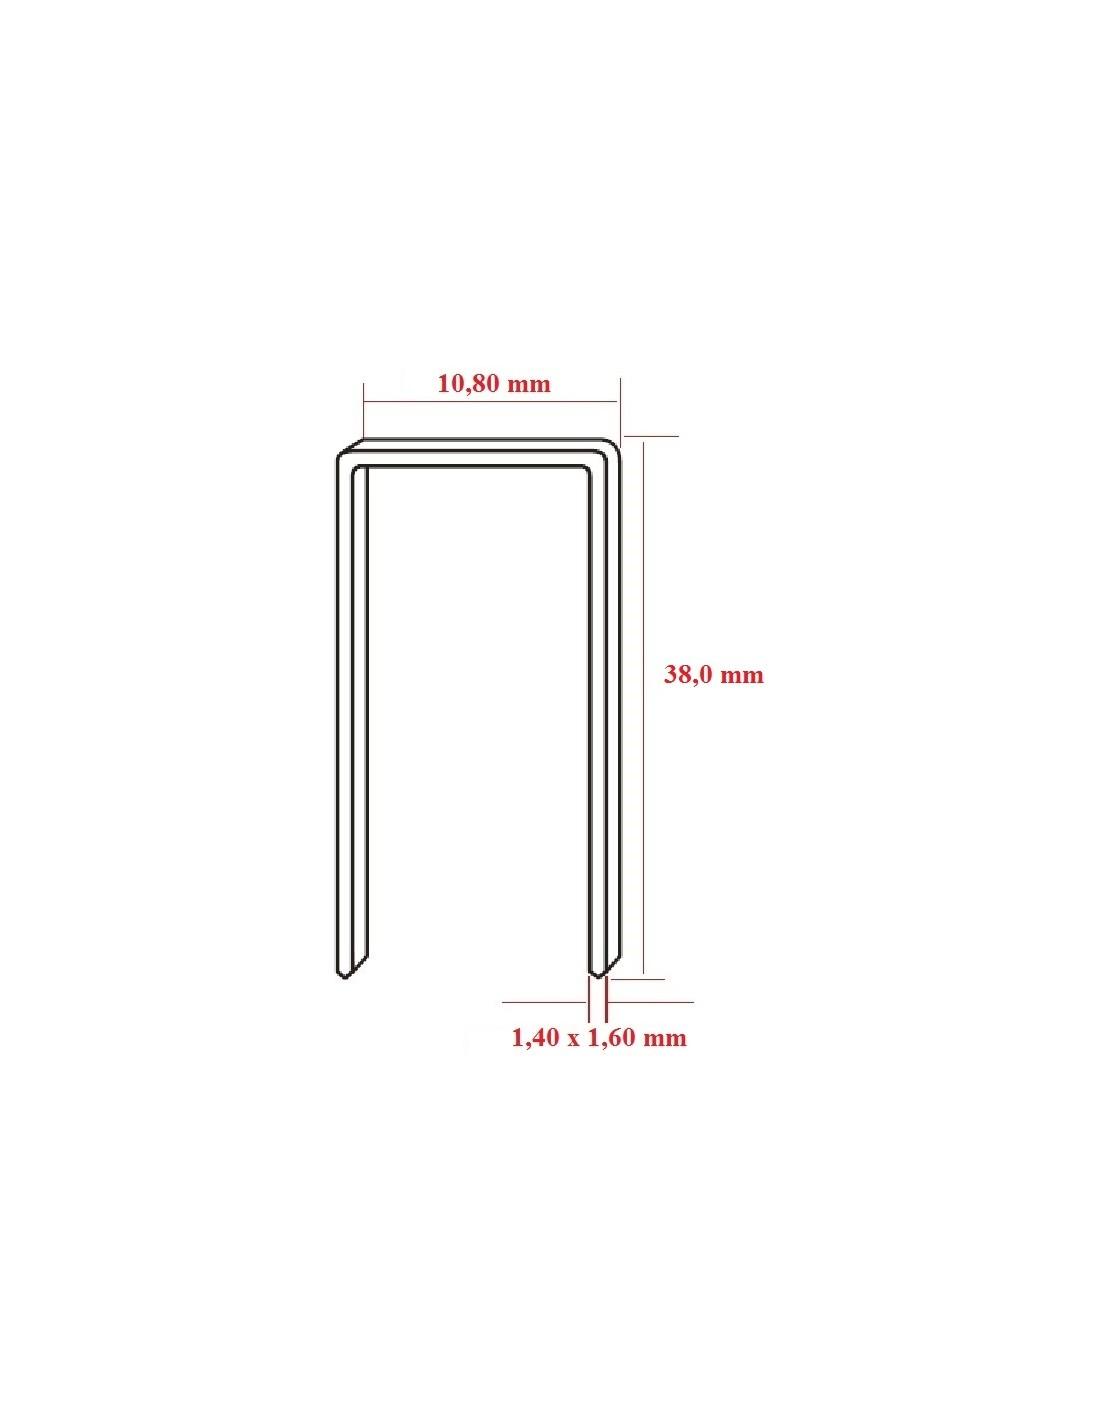 Capse tip N cu lungimea de 38,0 mm - dimensiuni